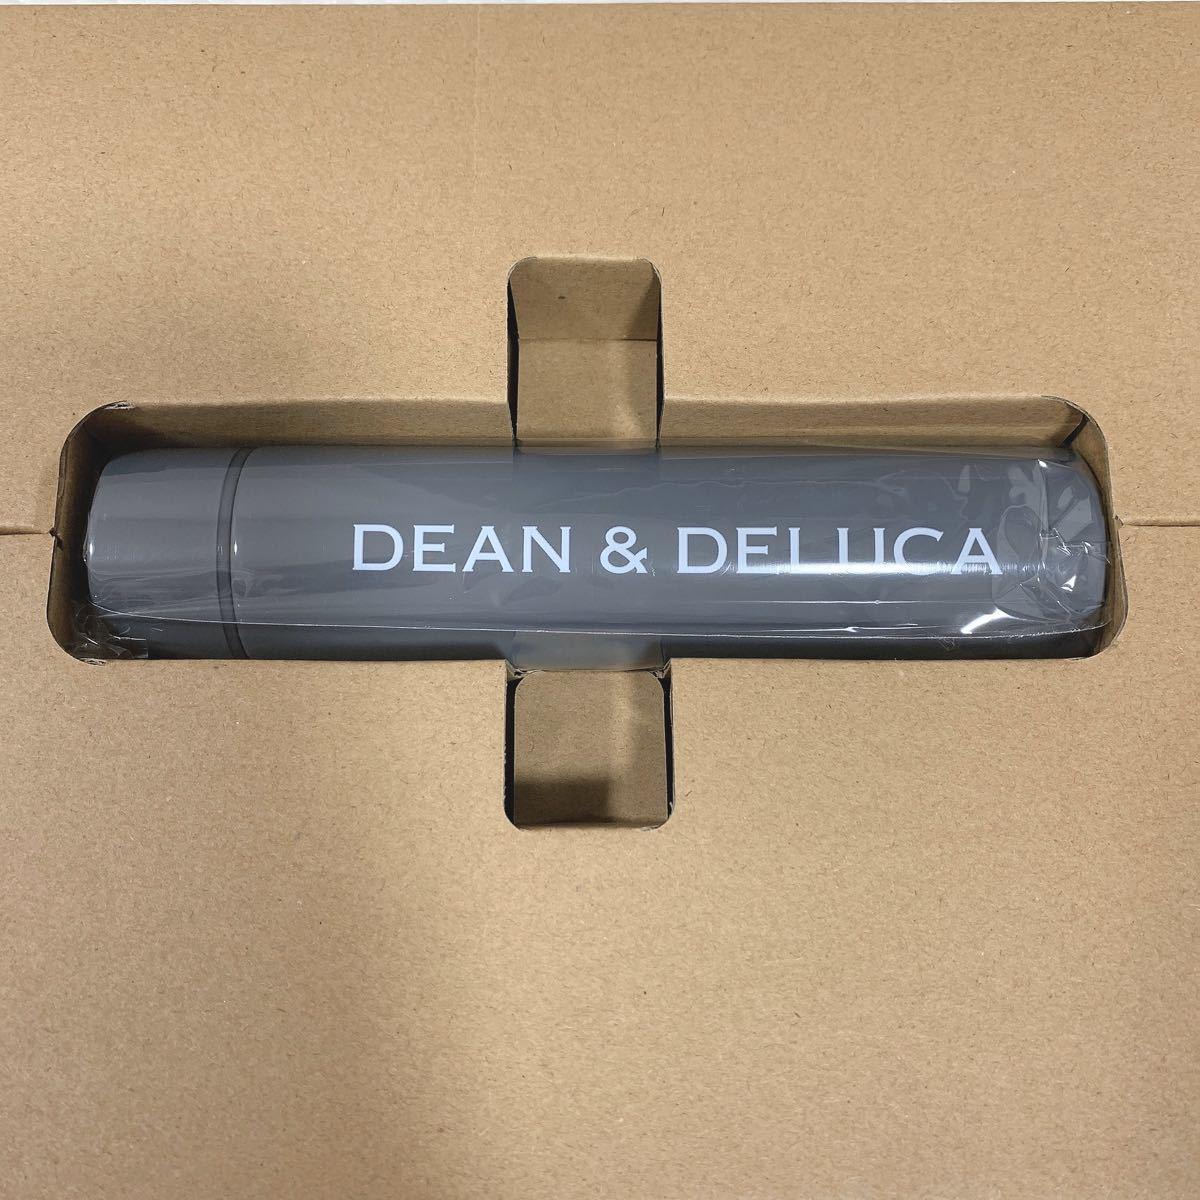 【新品未使用】GLOW 8月号 ディーン&デルーカ ステンレスボトル